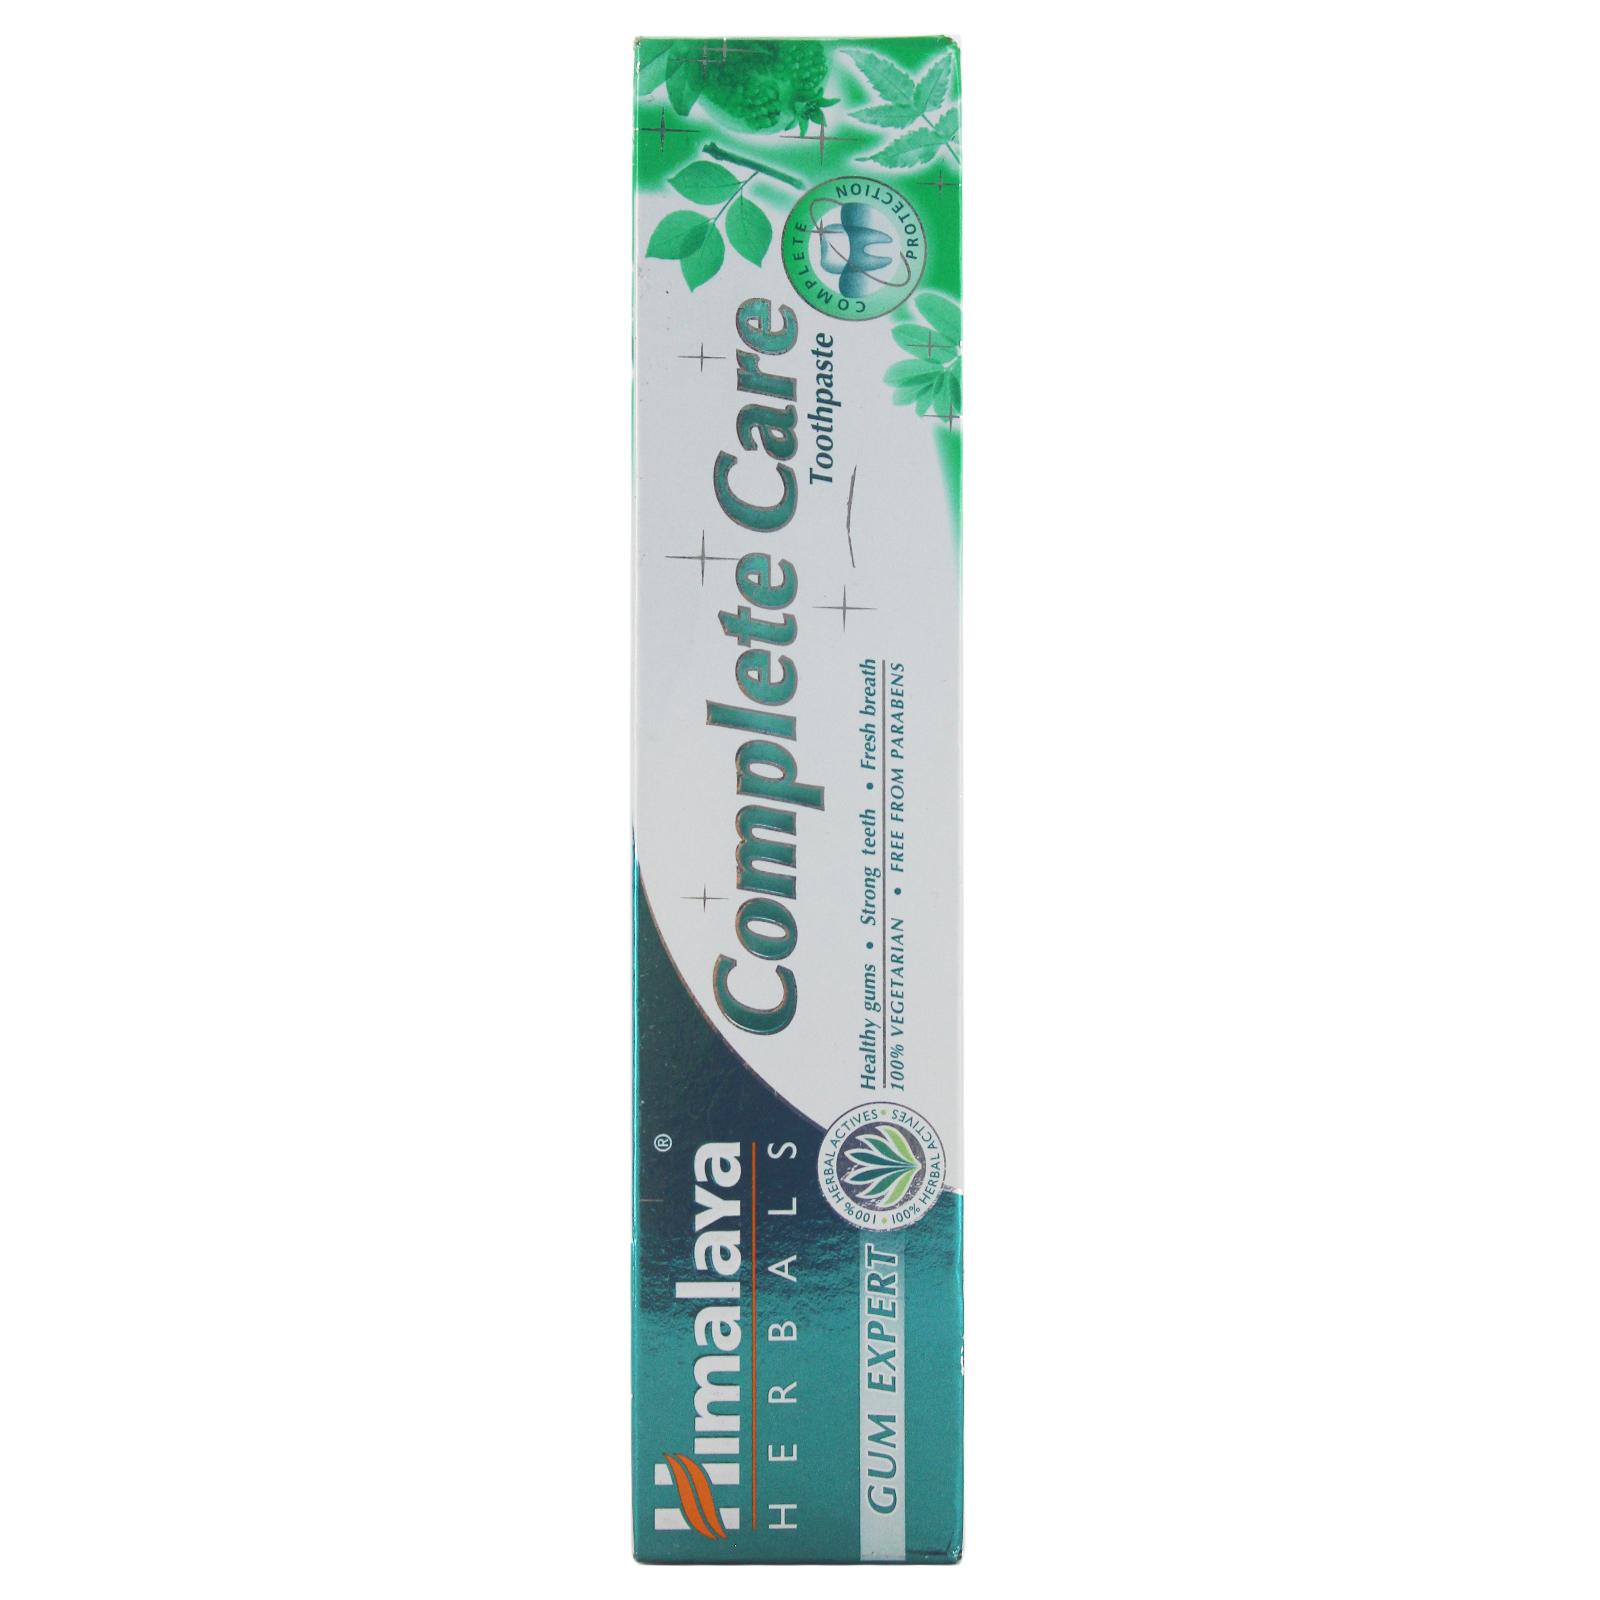 Ba tuýp kem đánh răng bảo vệ nướu, kháng khuẩn - Himalaya Complete Care Toothpaste 100g